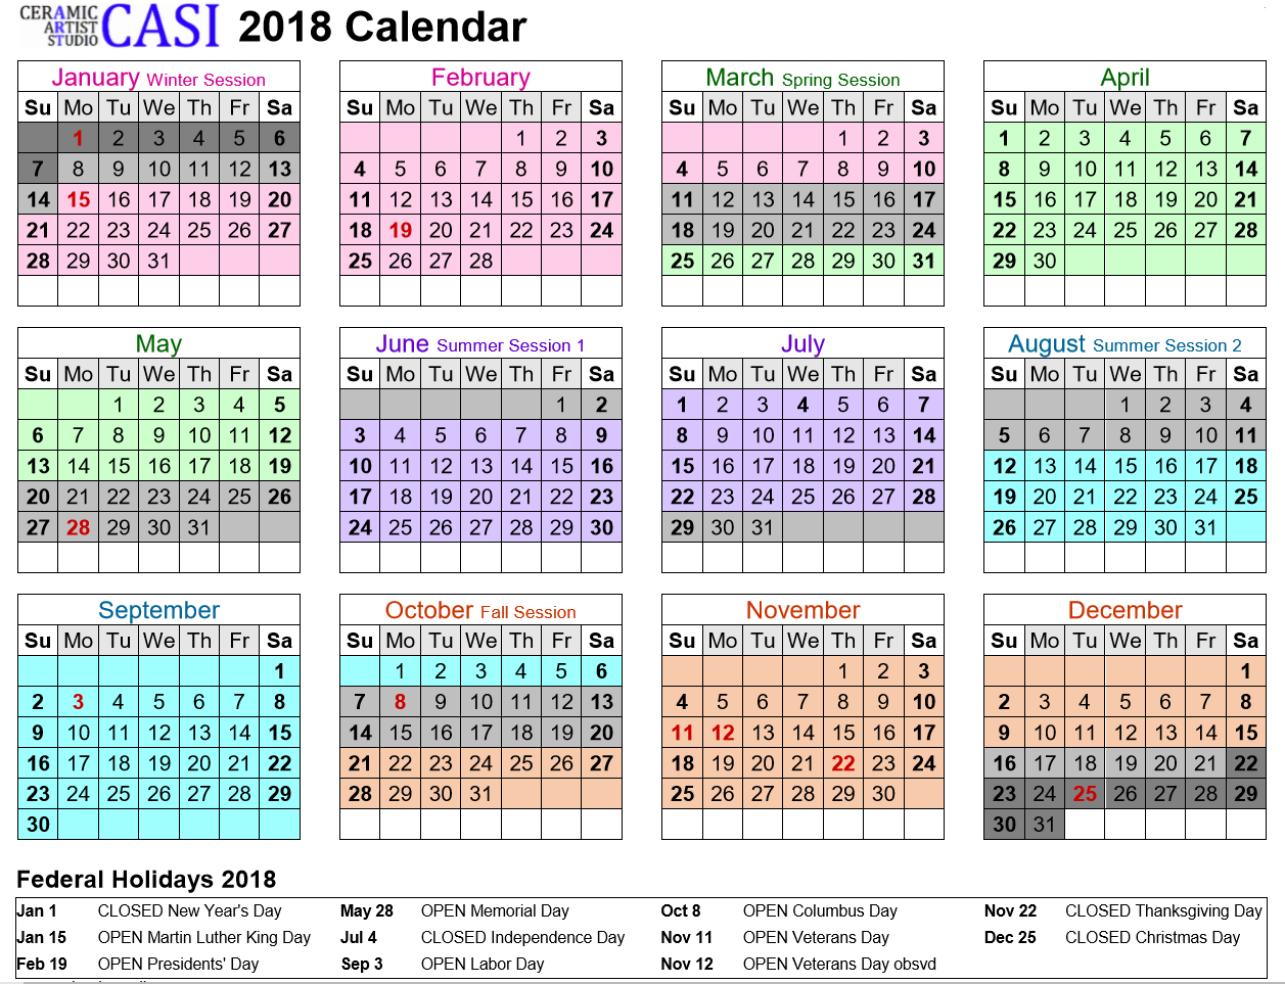 CASI 2018 year calendar